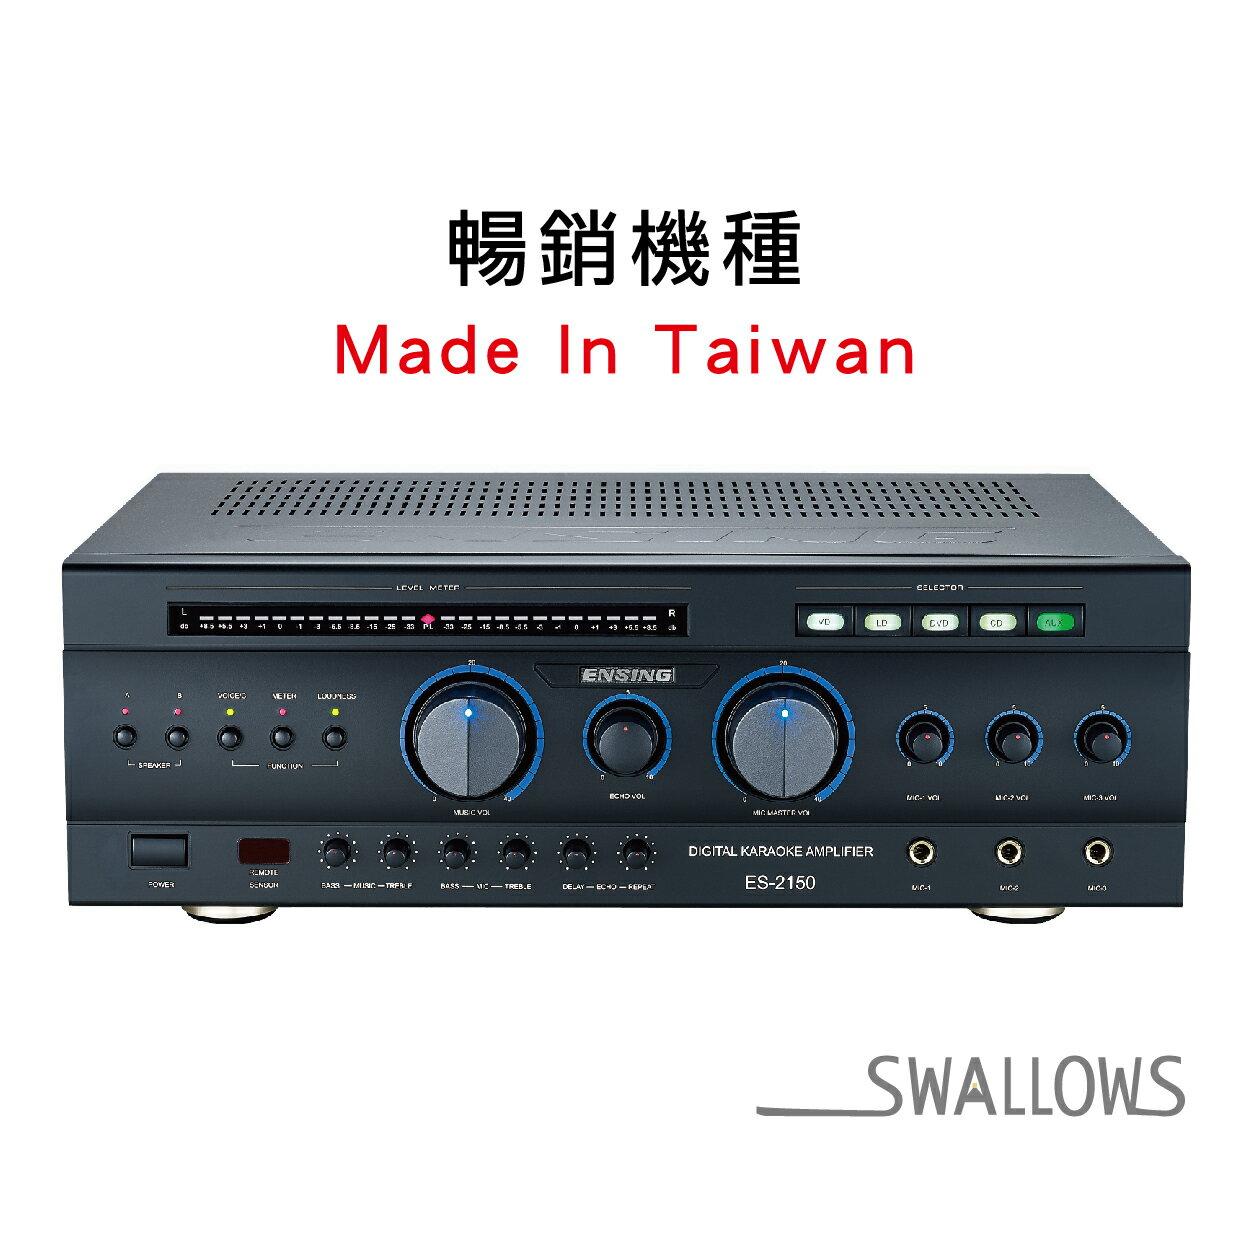 燕聲 ENSING ES-2150 數位迴音擴大器 卡拉OK 台灣製造